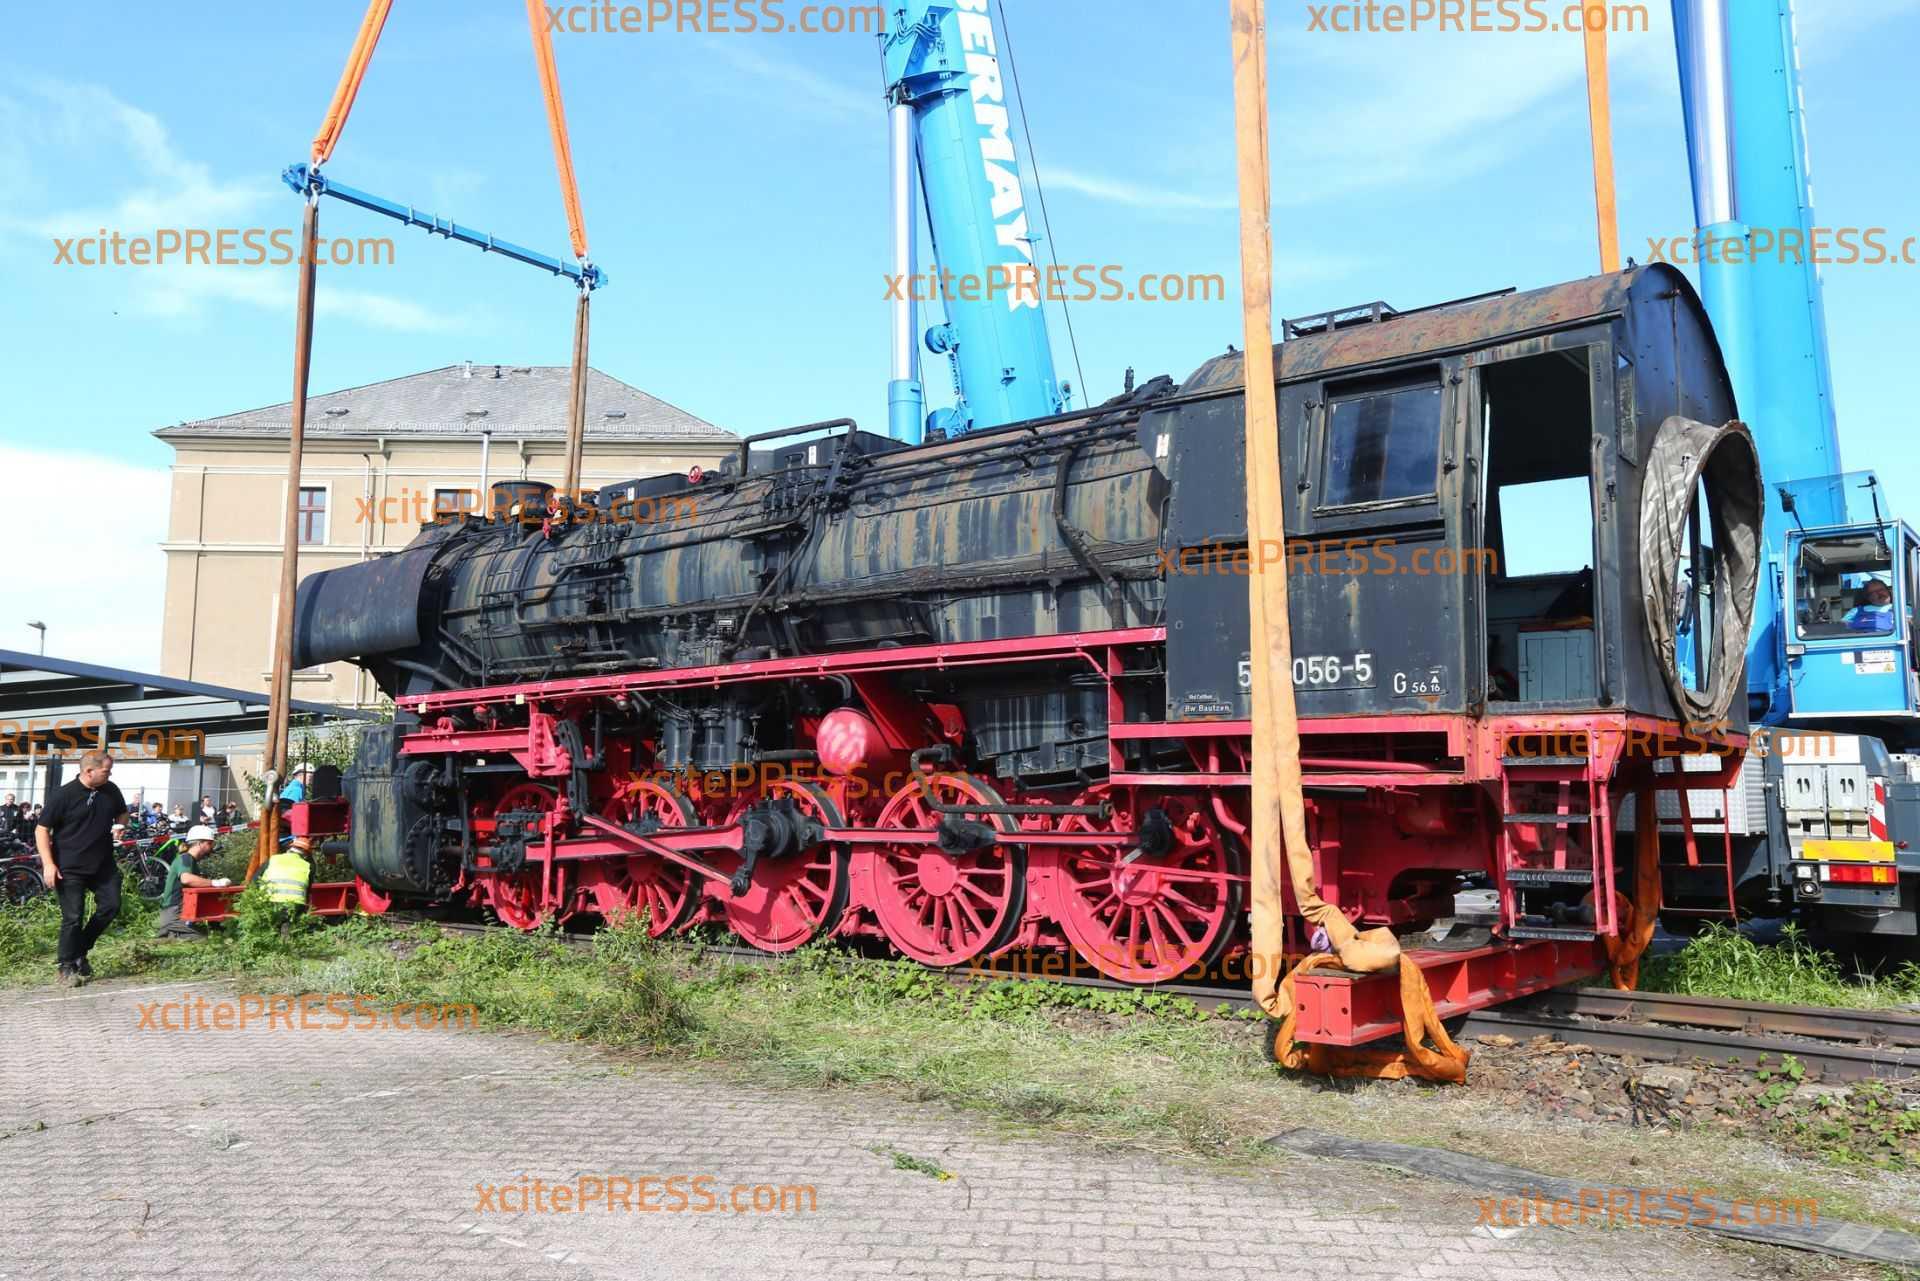 Ein Wahrzeichen kommt aufs Abstellgleis: Bautzens historische Dampflok zieht um: Abtransport des tonnenschweren Kollosses mit schwerer Technik